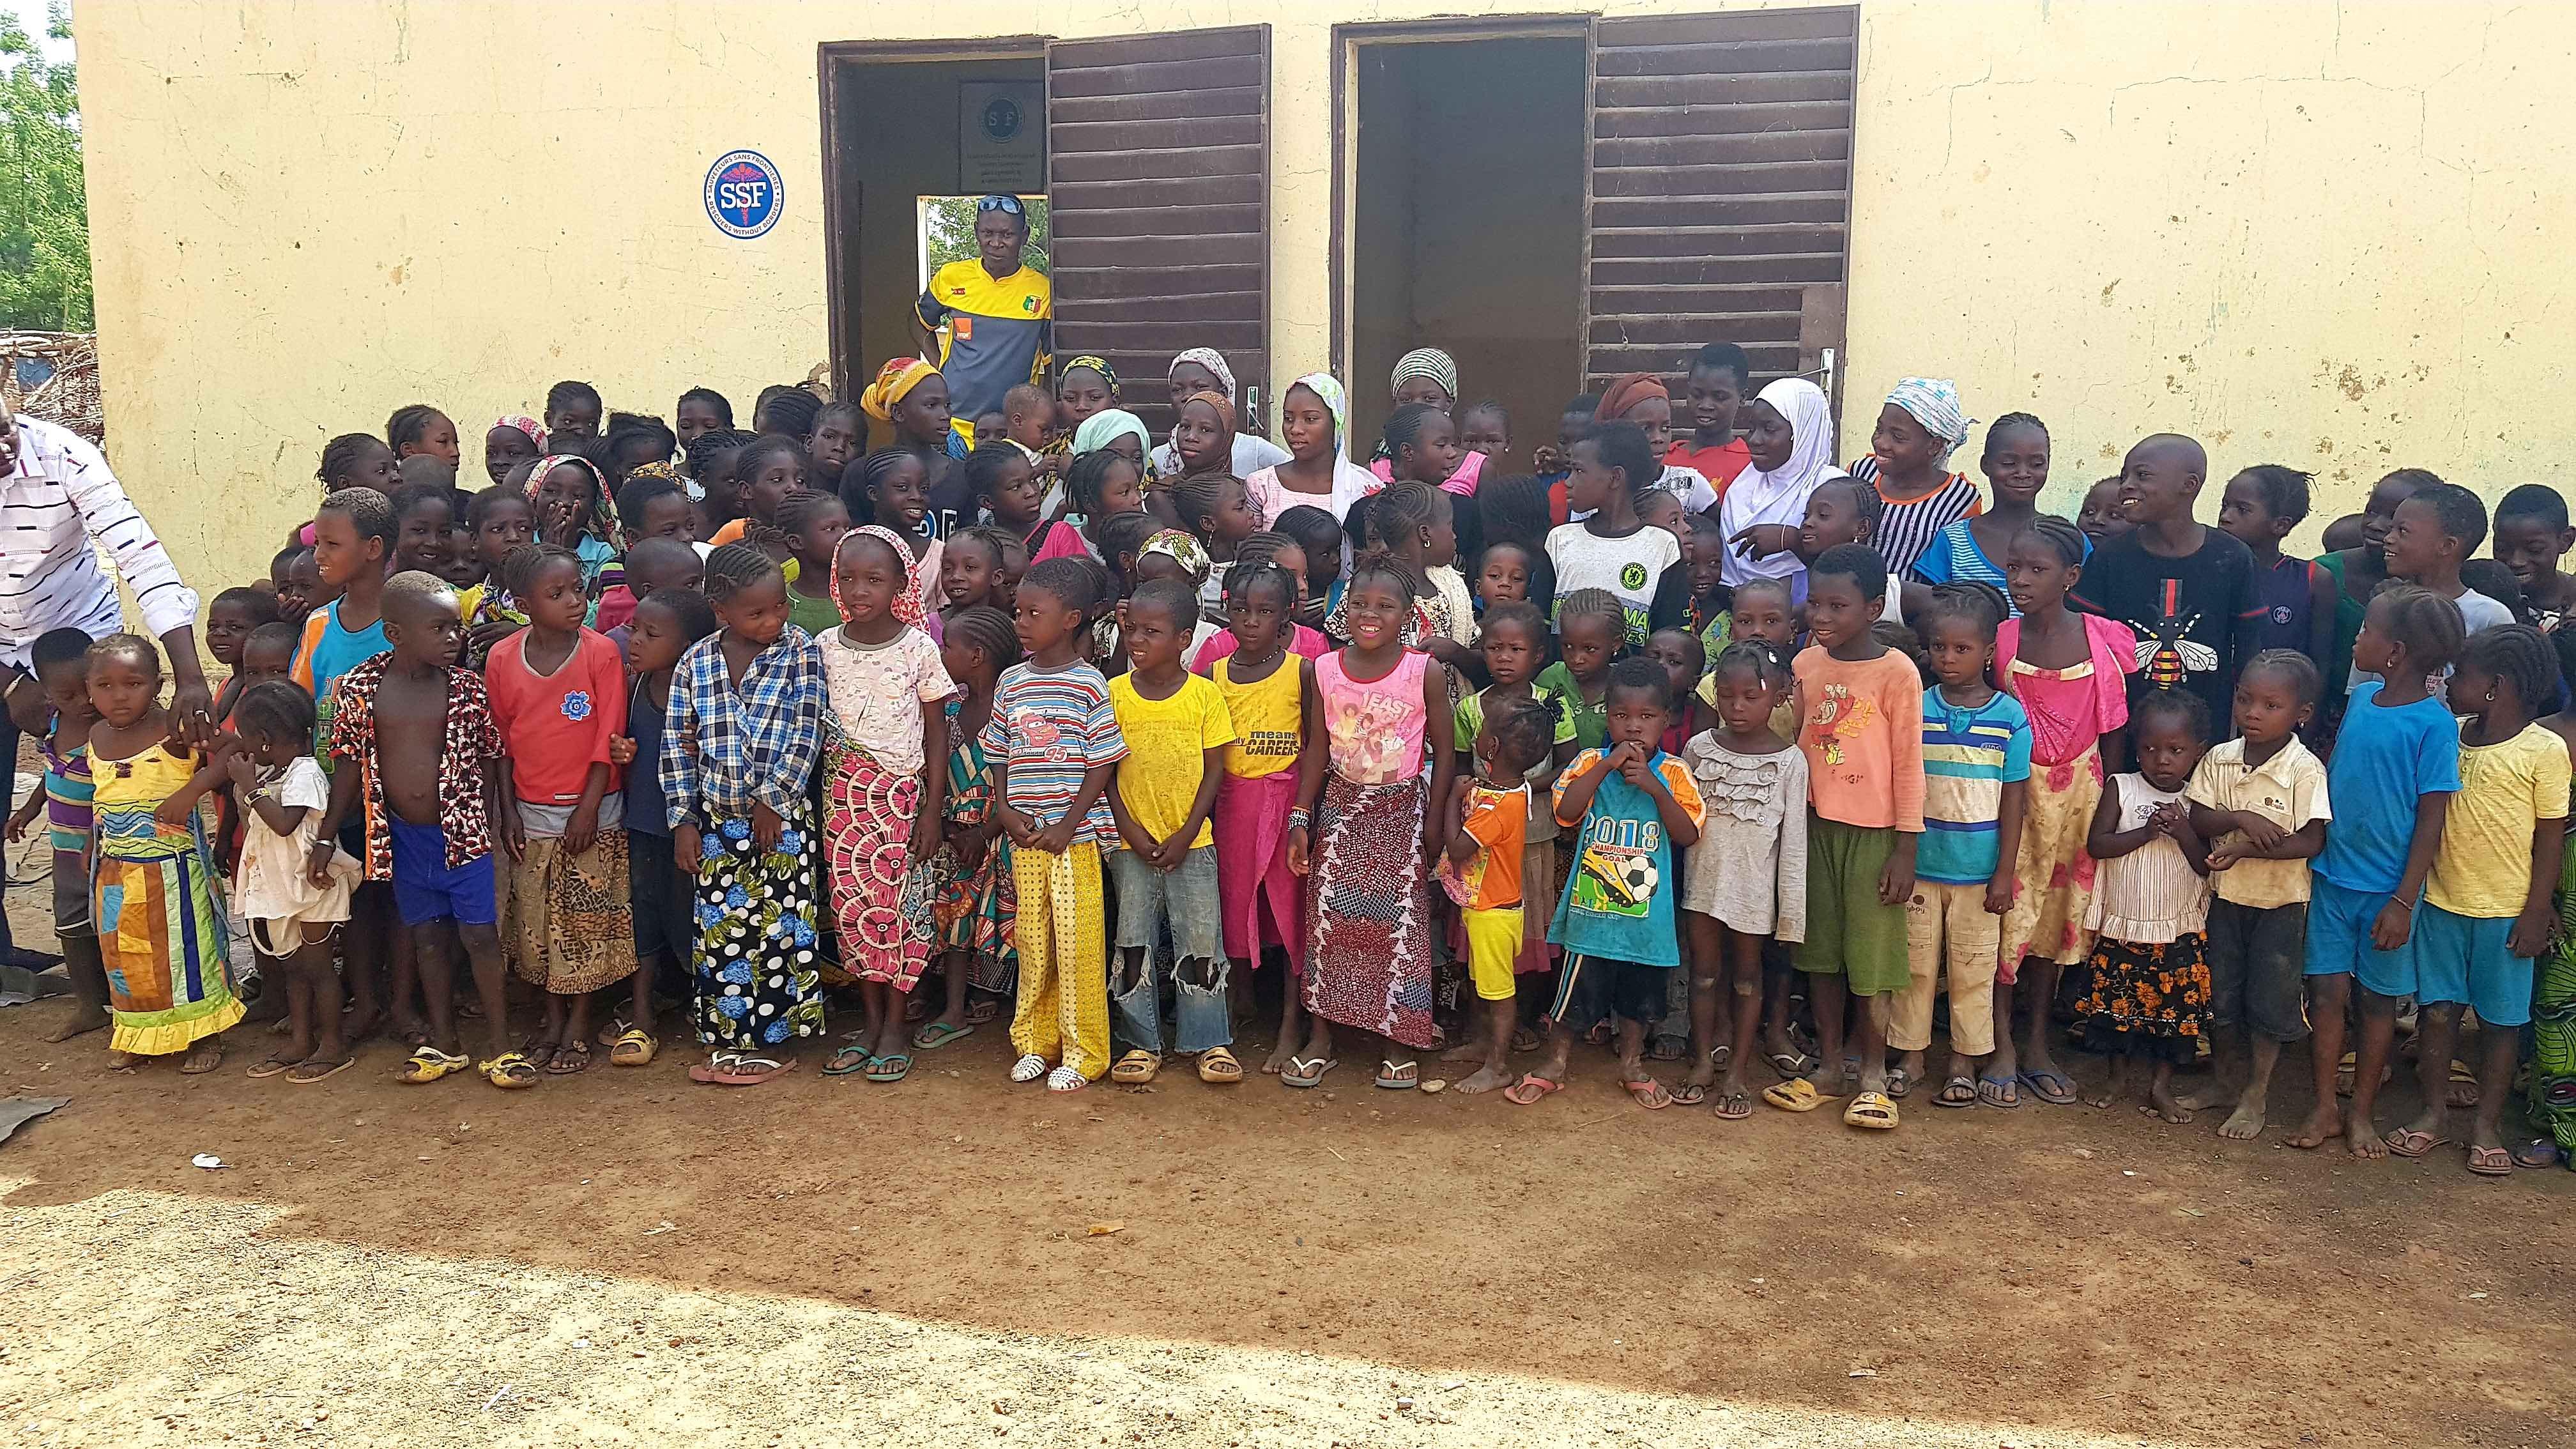 Centre éducatif de Ouolodo, Juin 2018, Mali